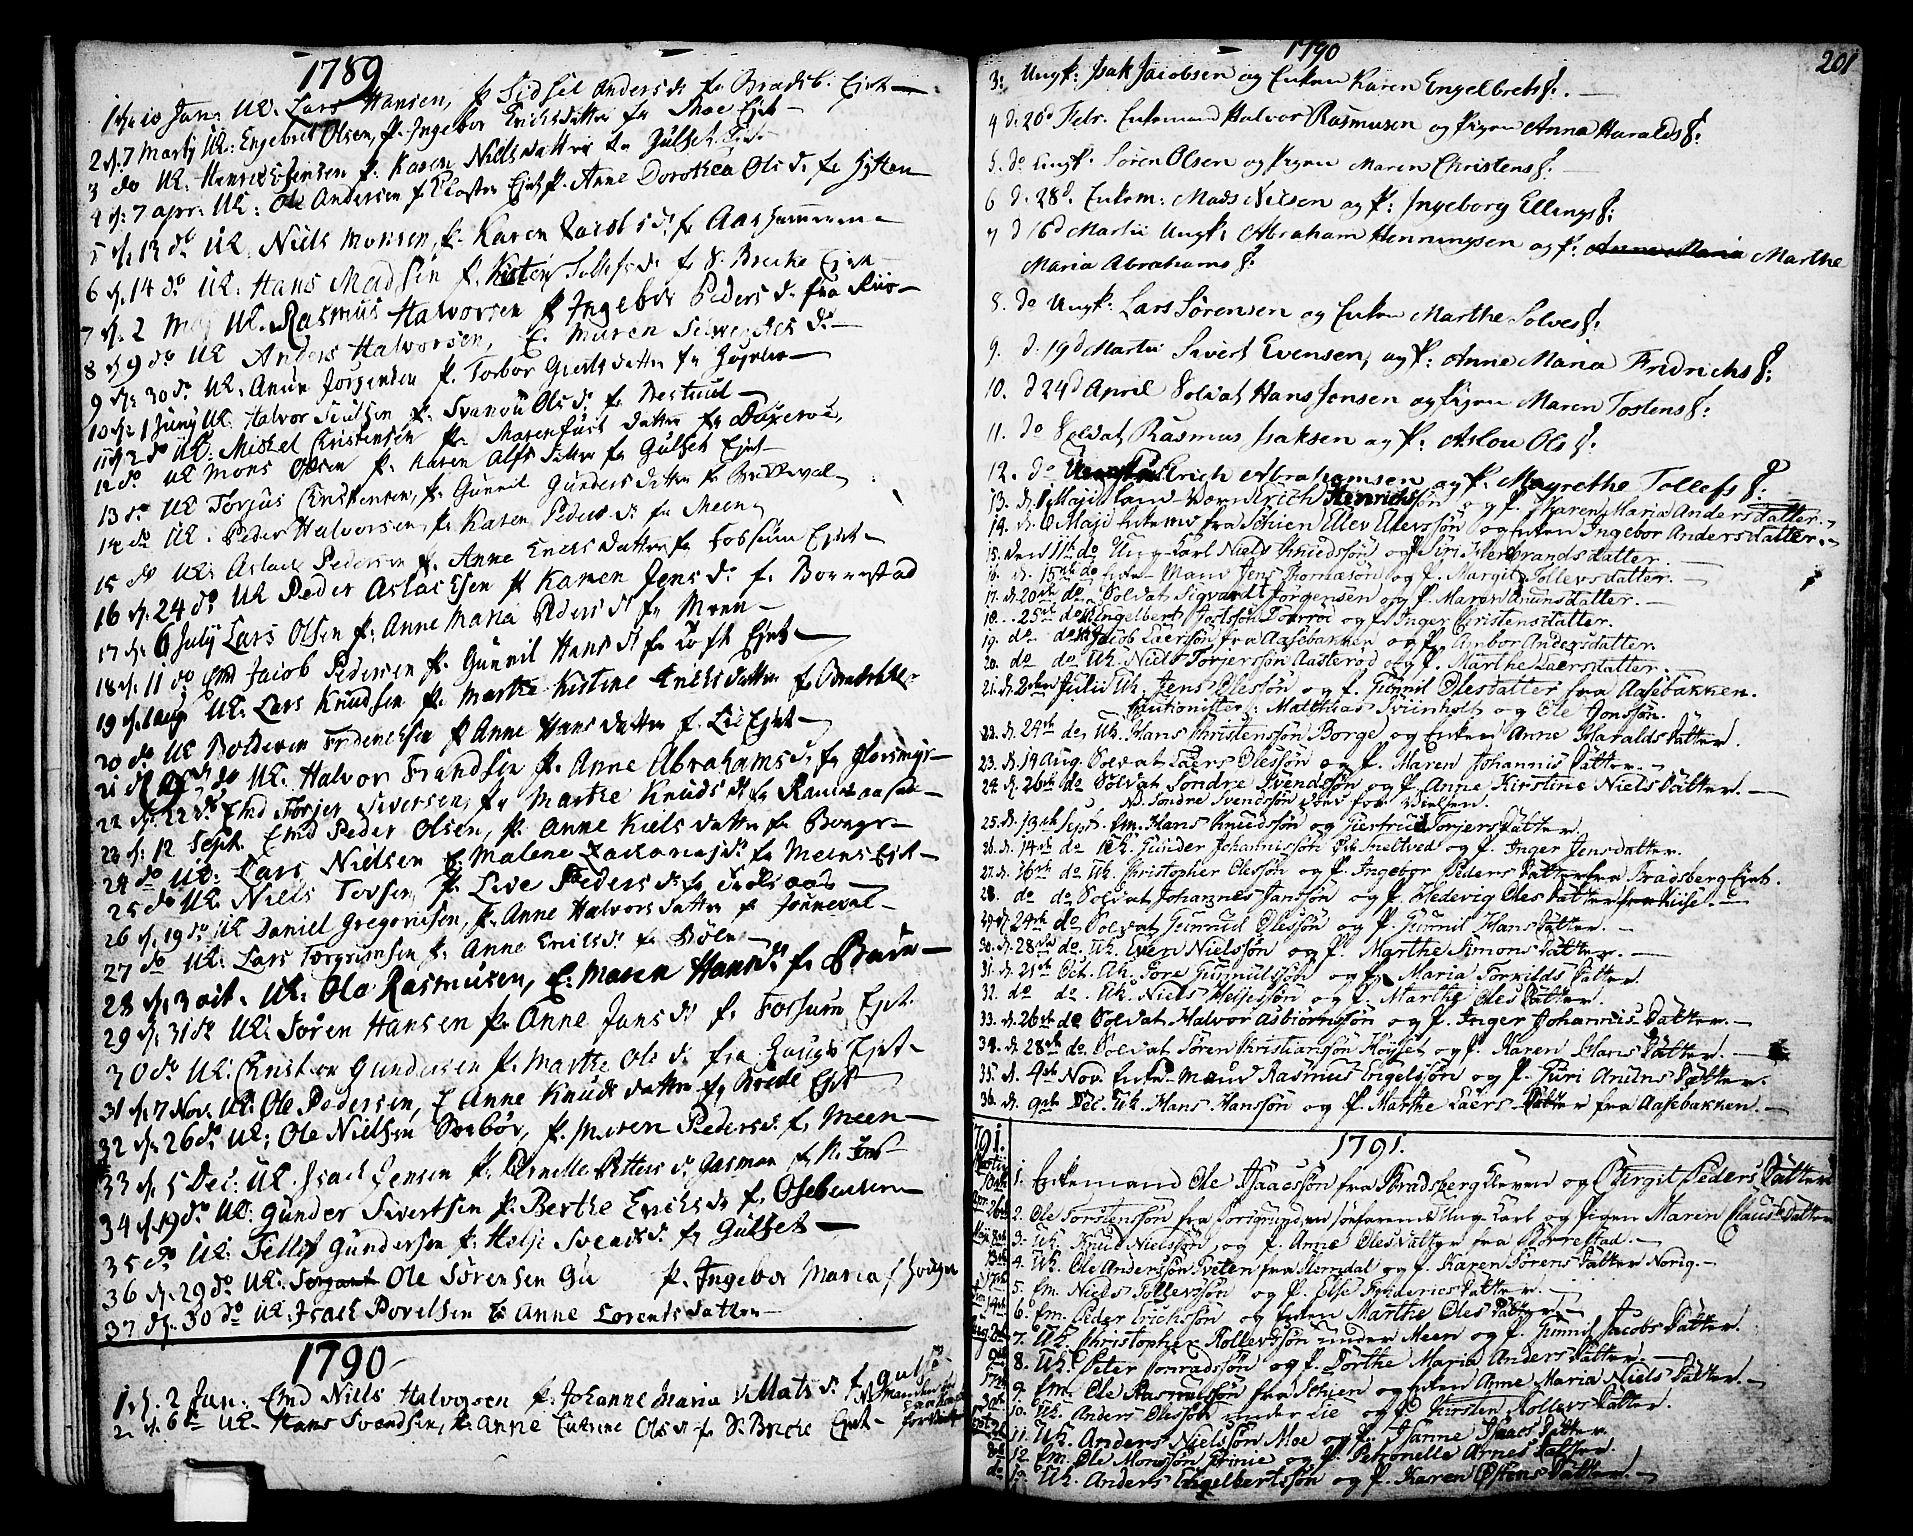 SAKO, Gjerpen kirkebøker, F/Fa/L0002: Ministerialbok nr. 2, 1747-1795, s. 201